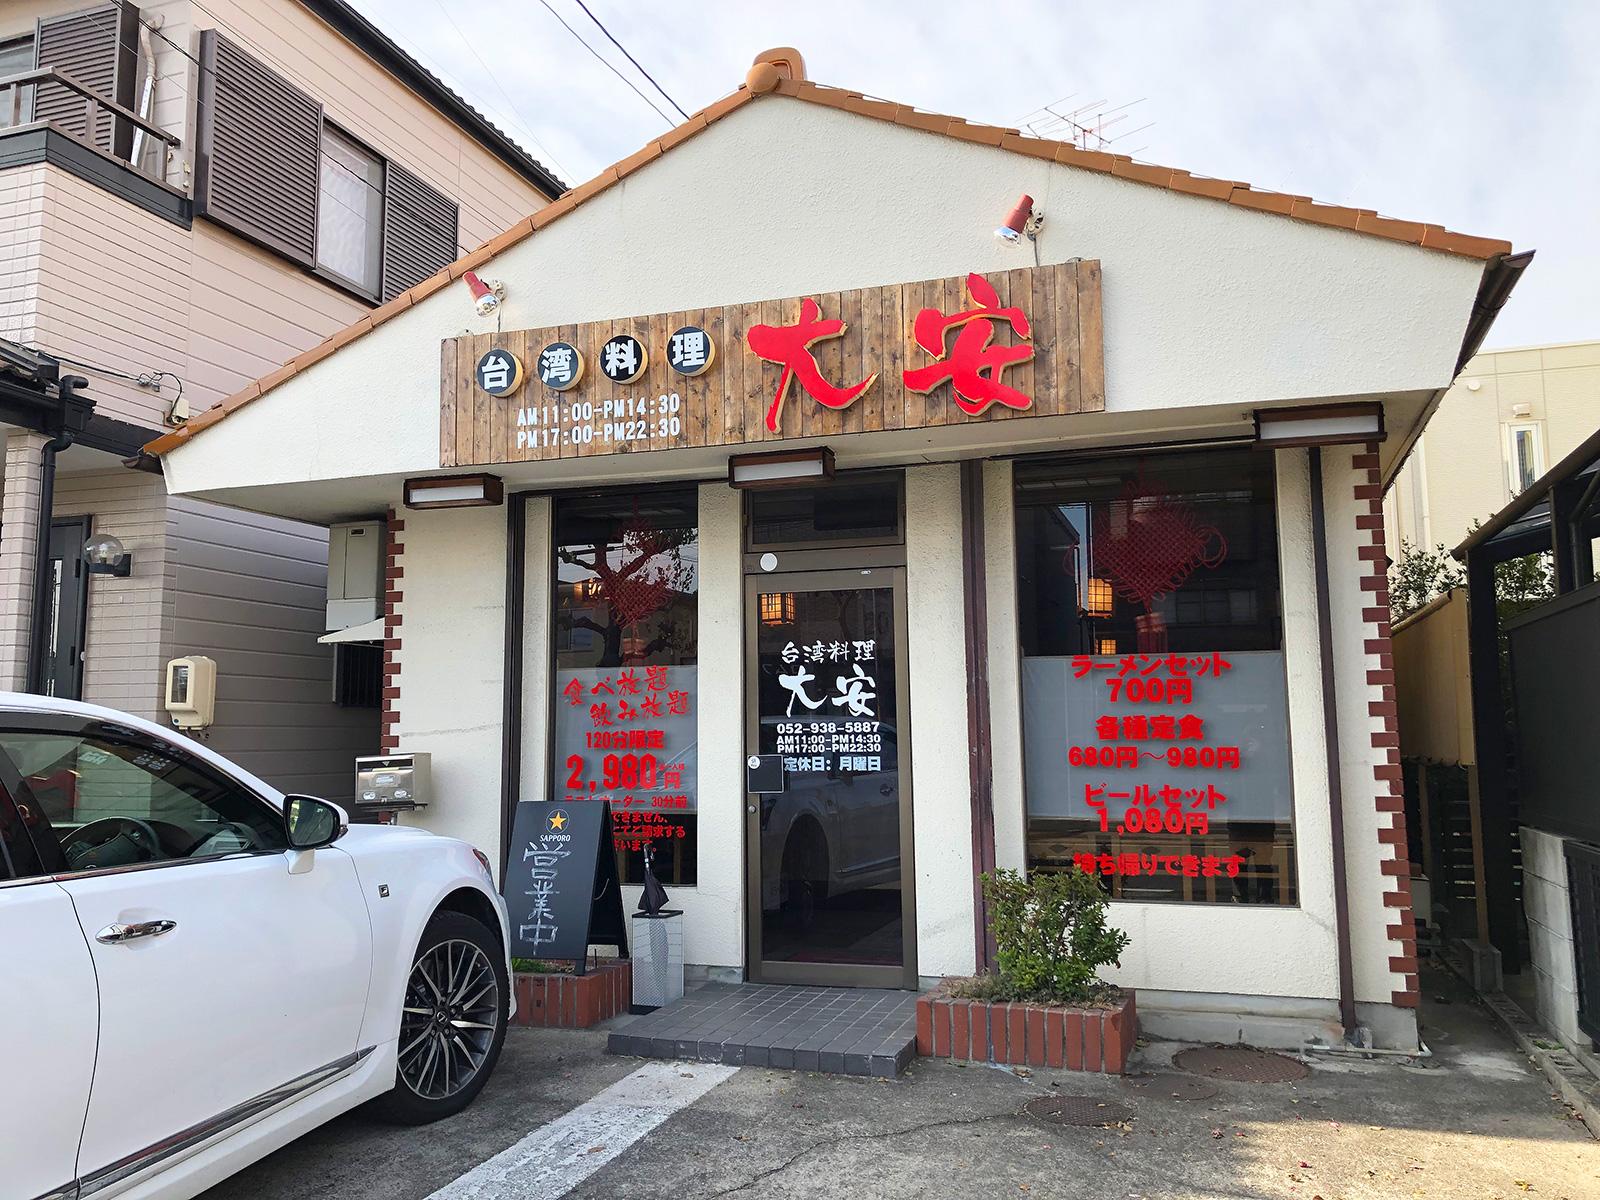 「台湾料理 大安」の塩ラーメンと中華飯ランチ @清須市下小田井